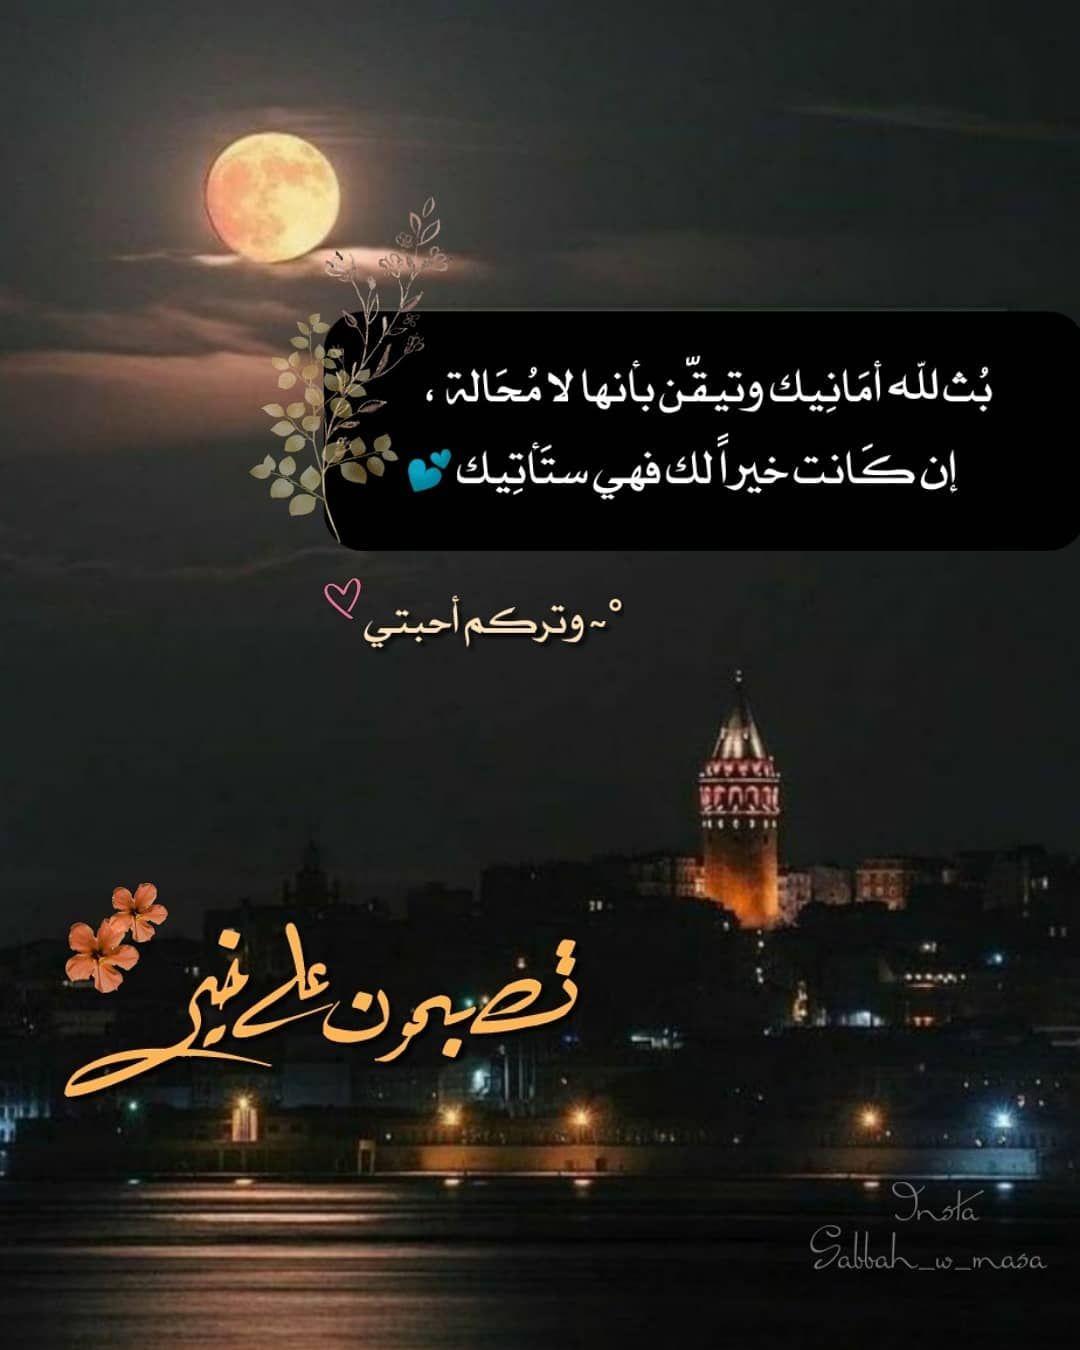 صبح و مساء On Instagram ب ث لله أم ان يك وتيق ن بأنها لا م ح الة إن In 2021 Romantic Words Islamic Quotes Wallpaper Beautiful Wallpapers Backgrounds